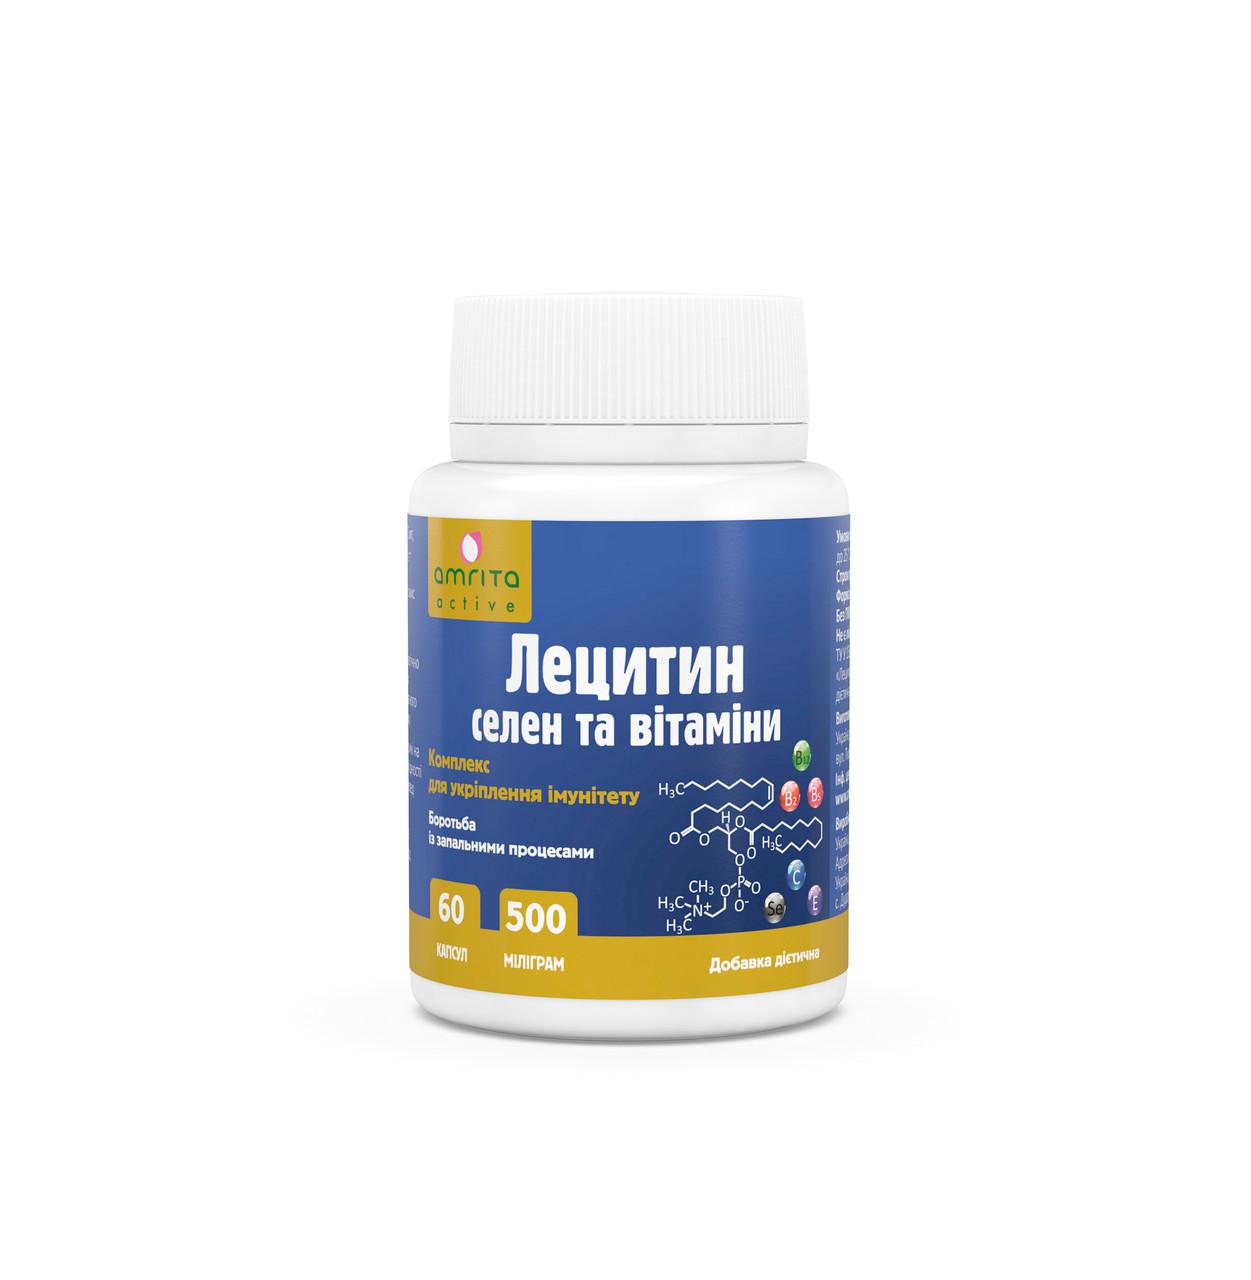 Лецитин, селен и витамины, кап.60-антиоксидантного действия